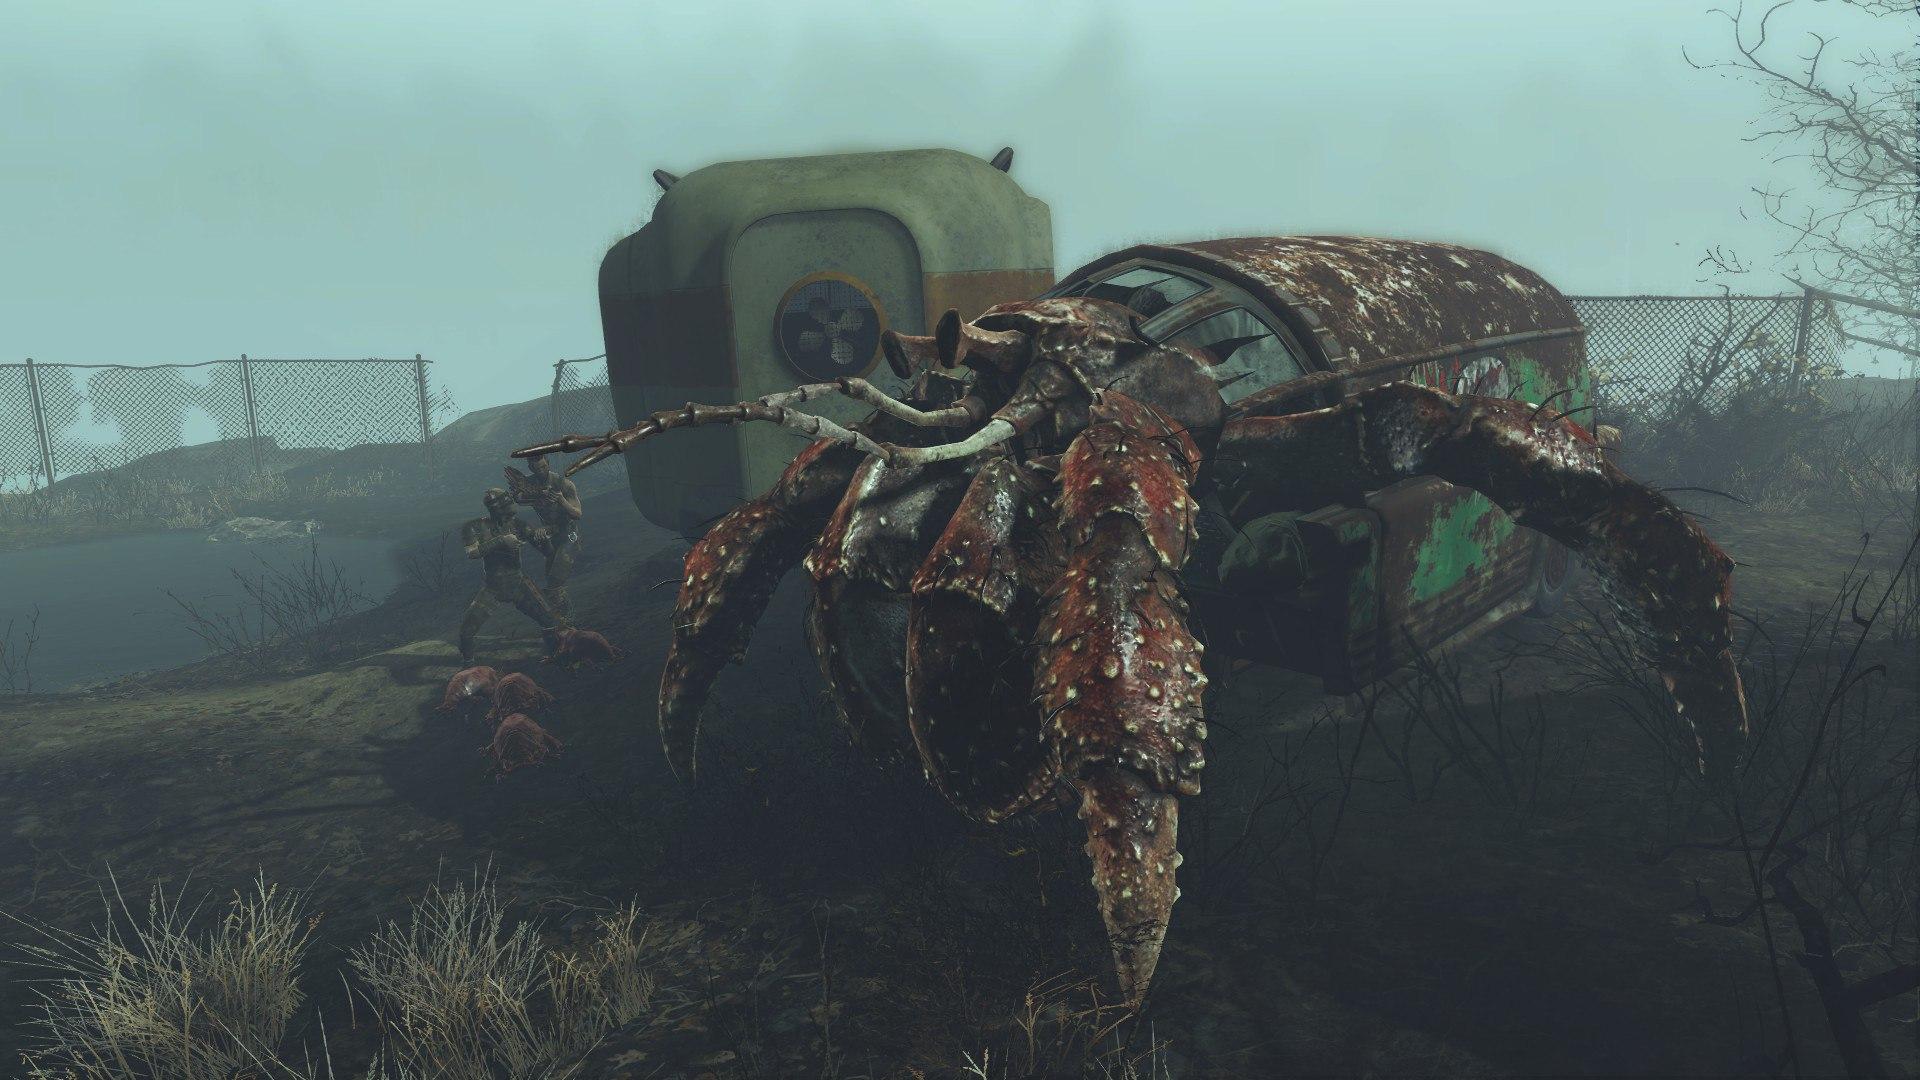 Самый опасный противник в Fallout4 по вашему мнению?